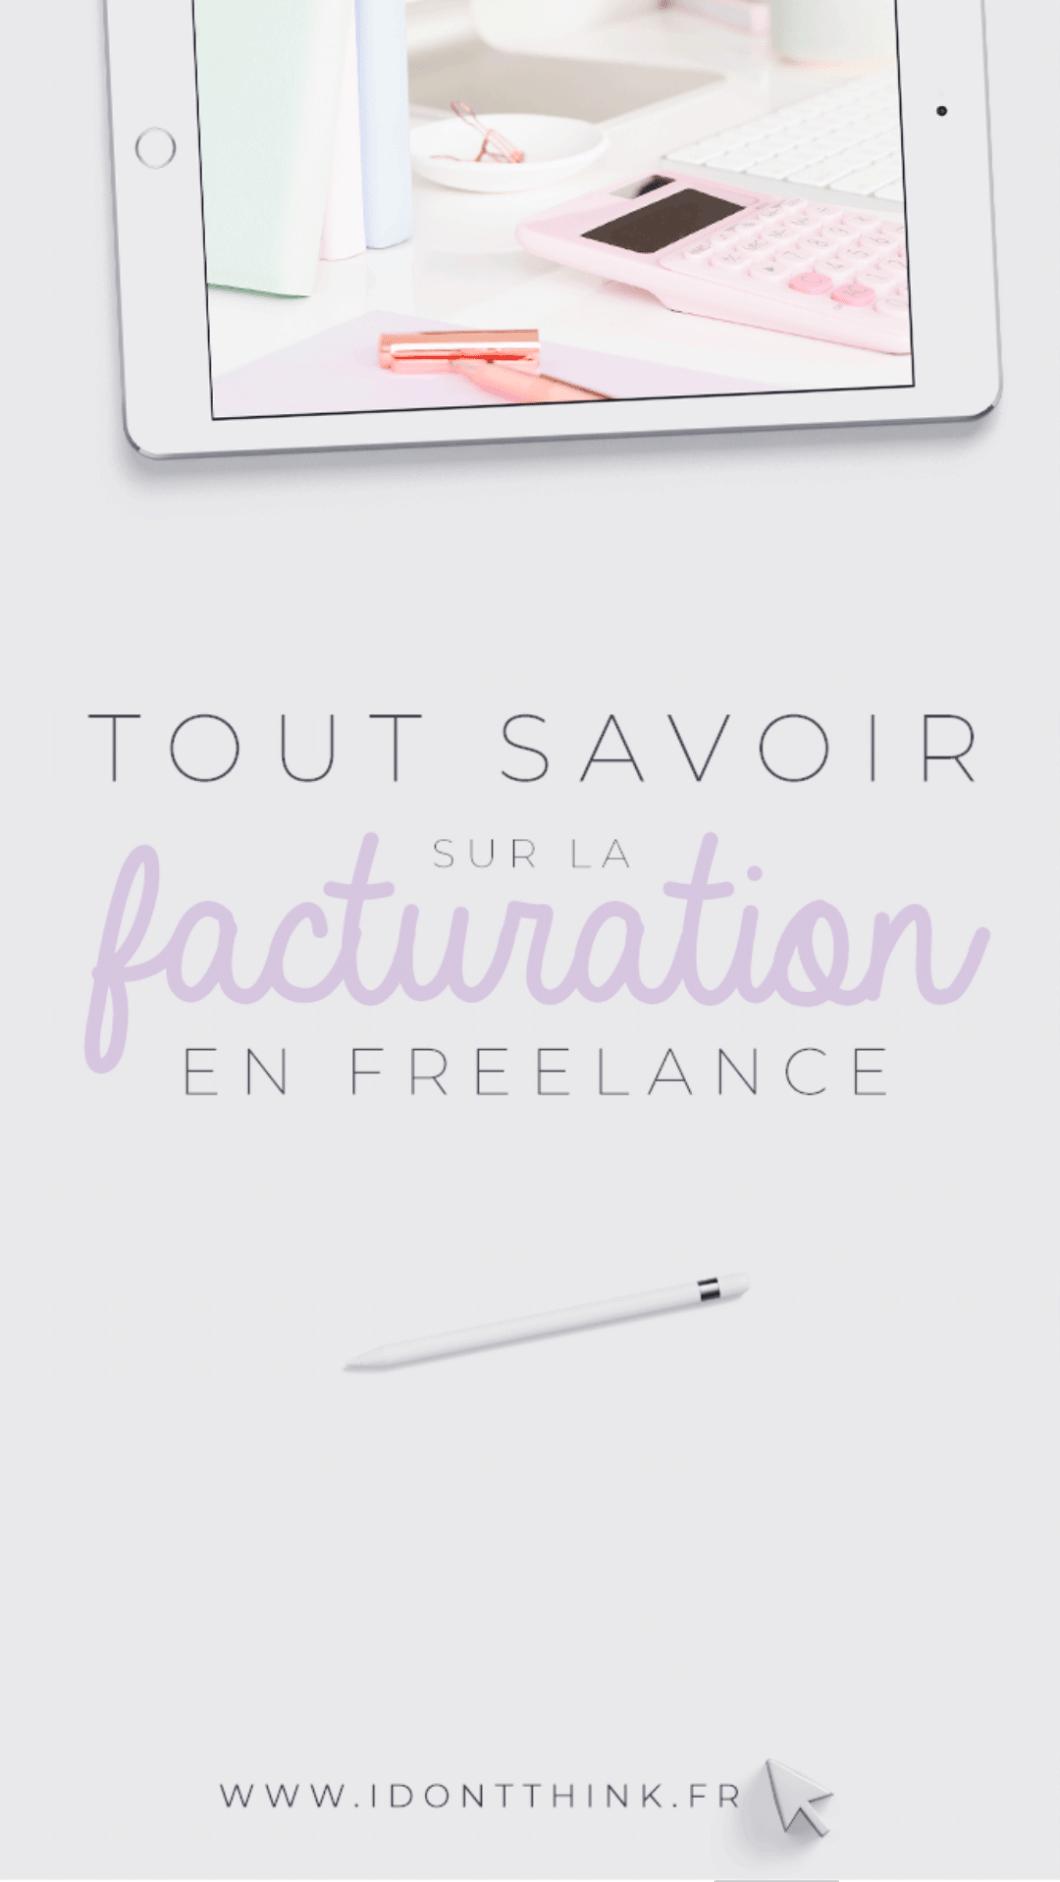 Facturation en Freelance : mes coulisses